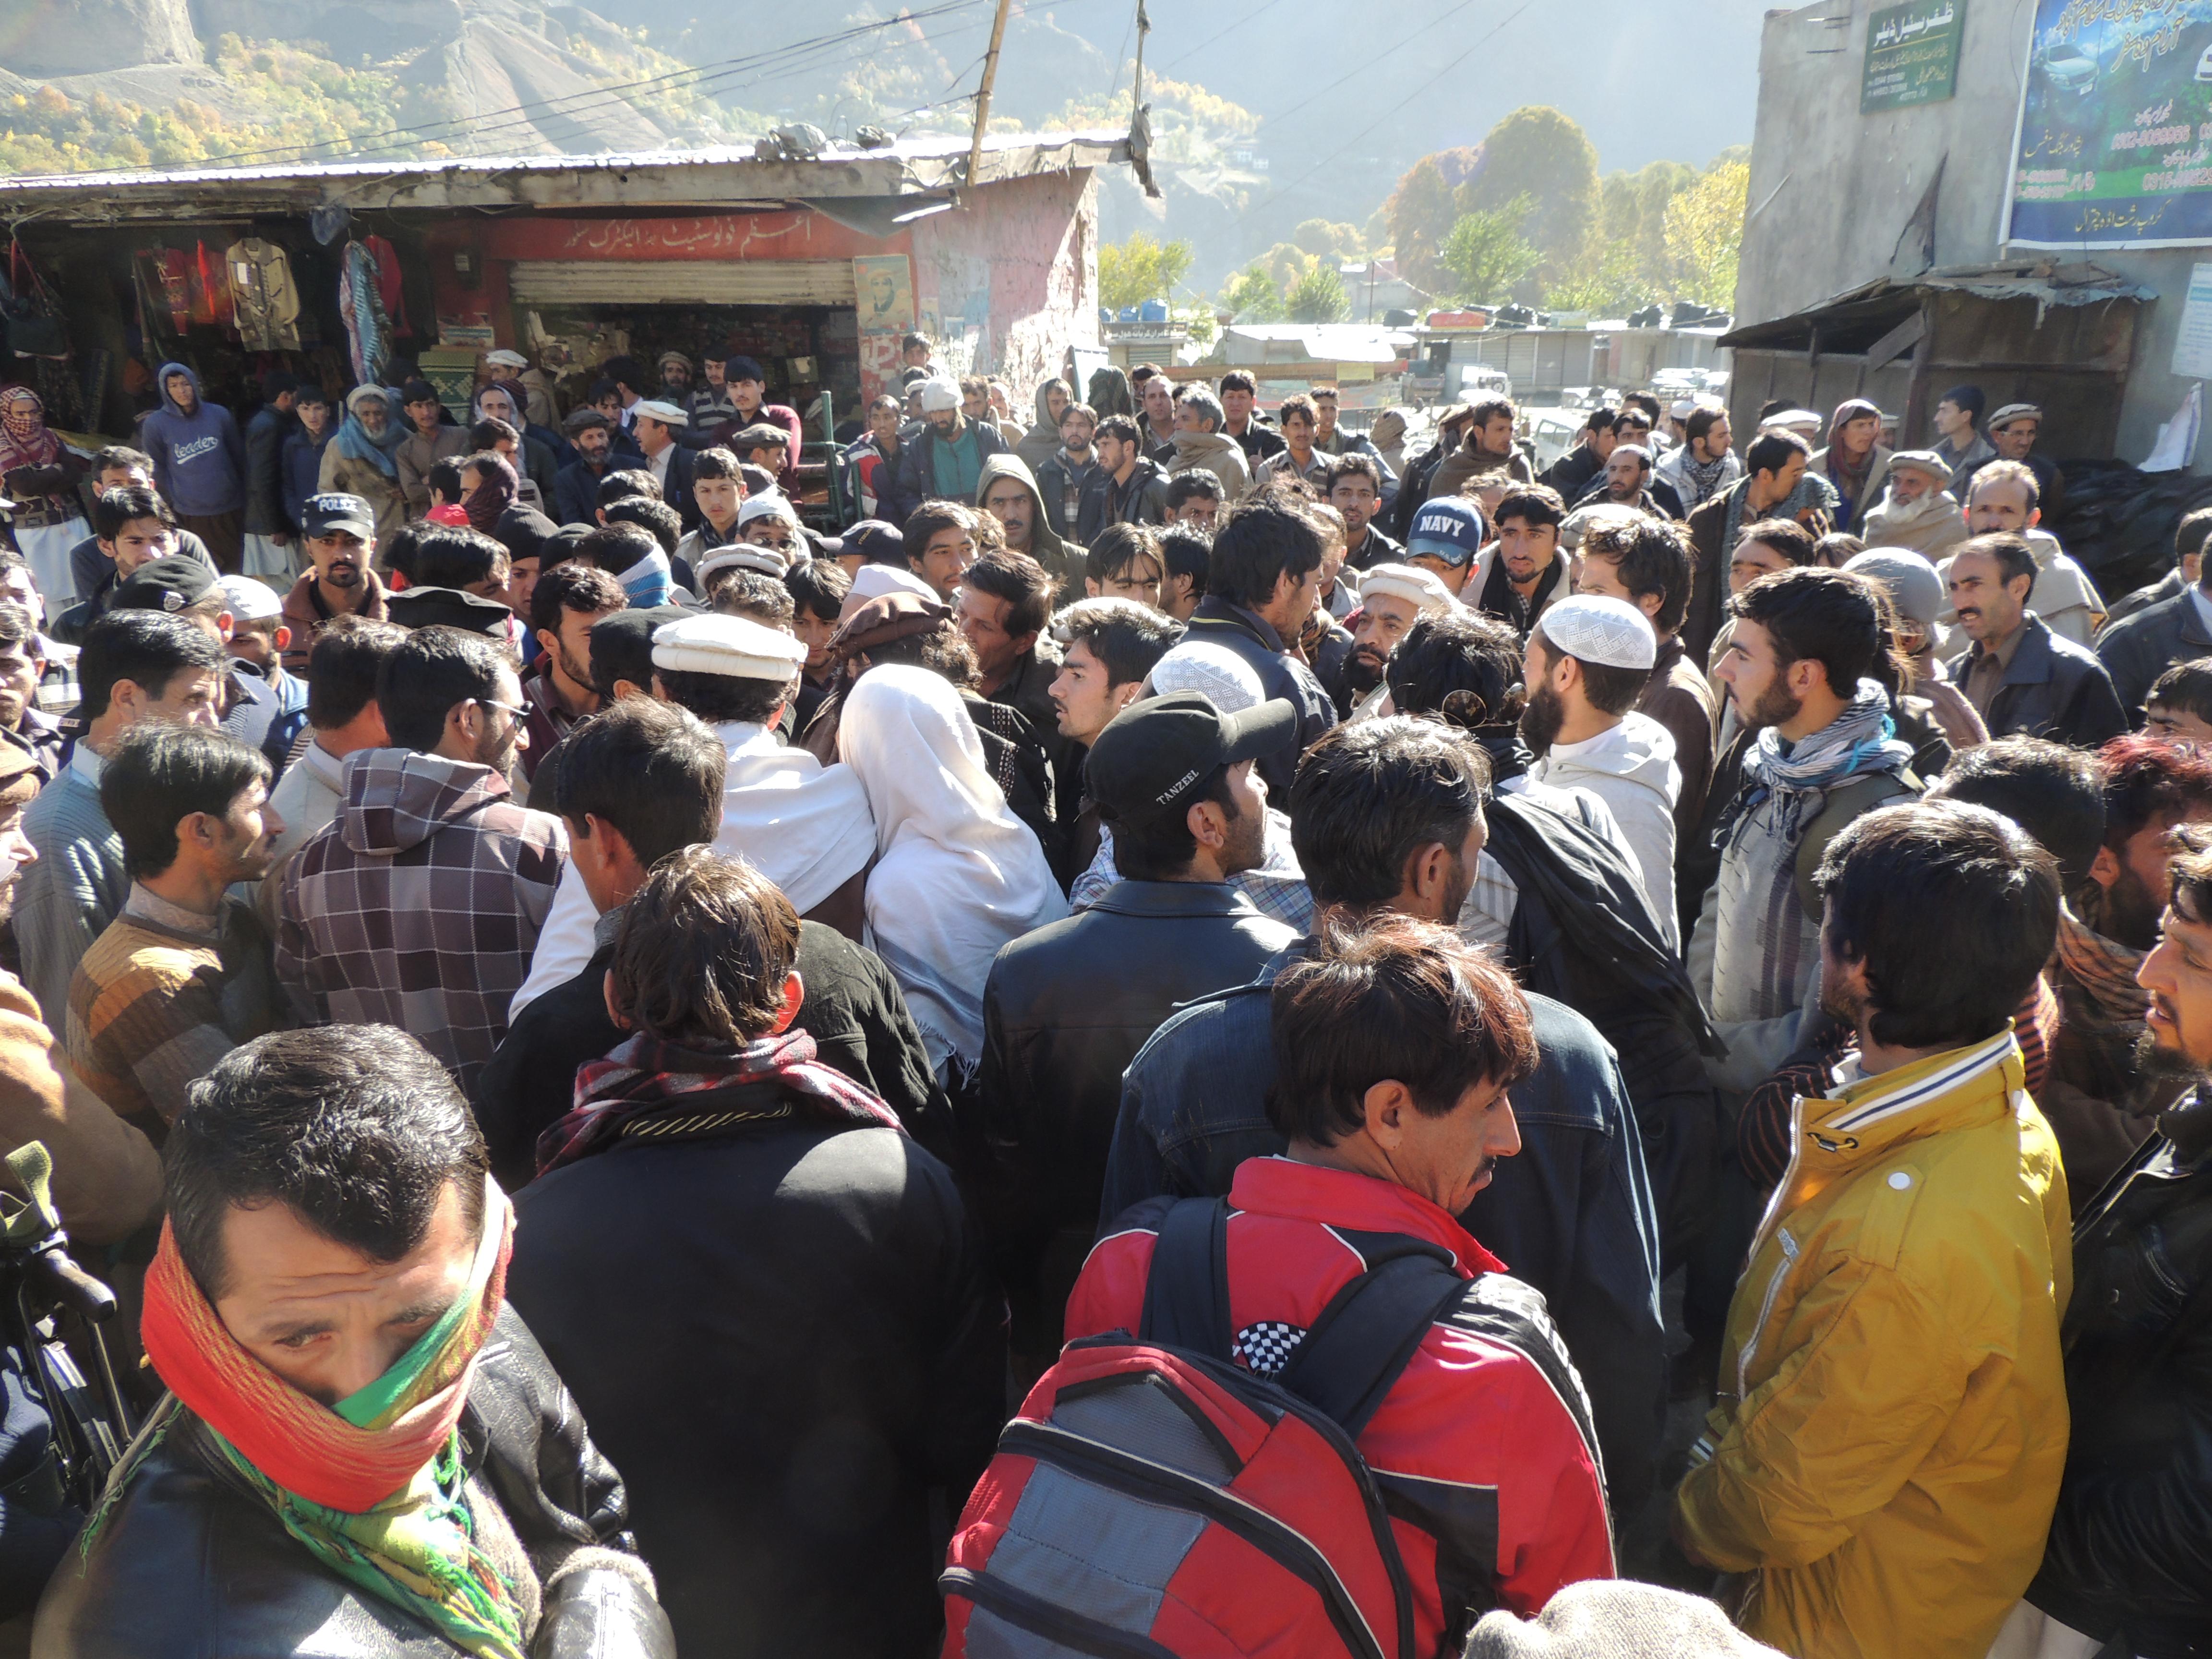 ٹرانسپوٹرز کی من منانی پر مسافروں نے احتجاج کرکے بونی چترال روڈ کوہرقسم کی ٹریفک کے لئے بندکردیاگیا